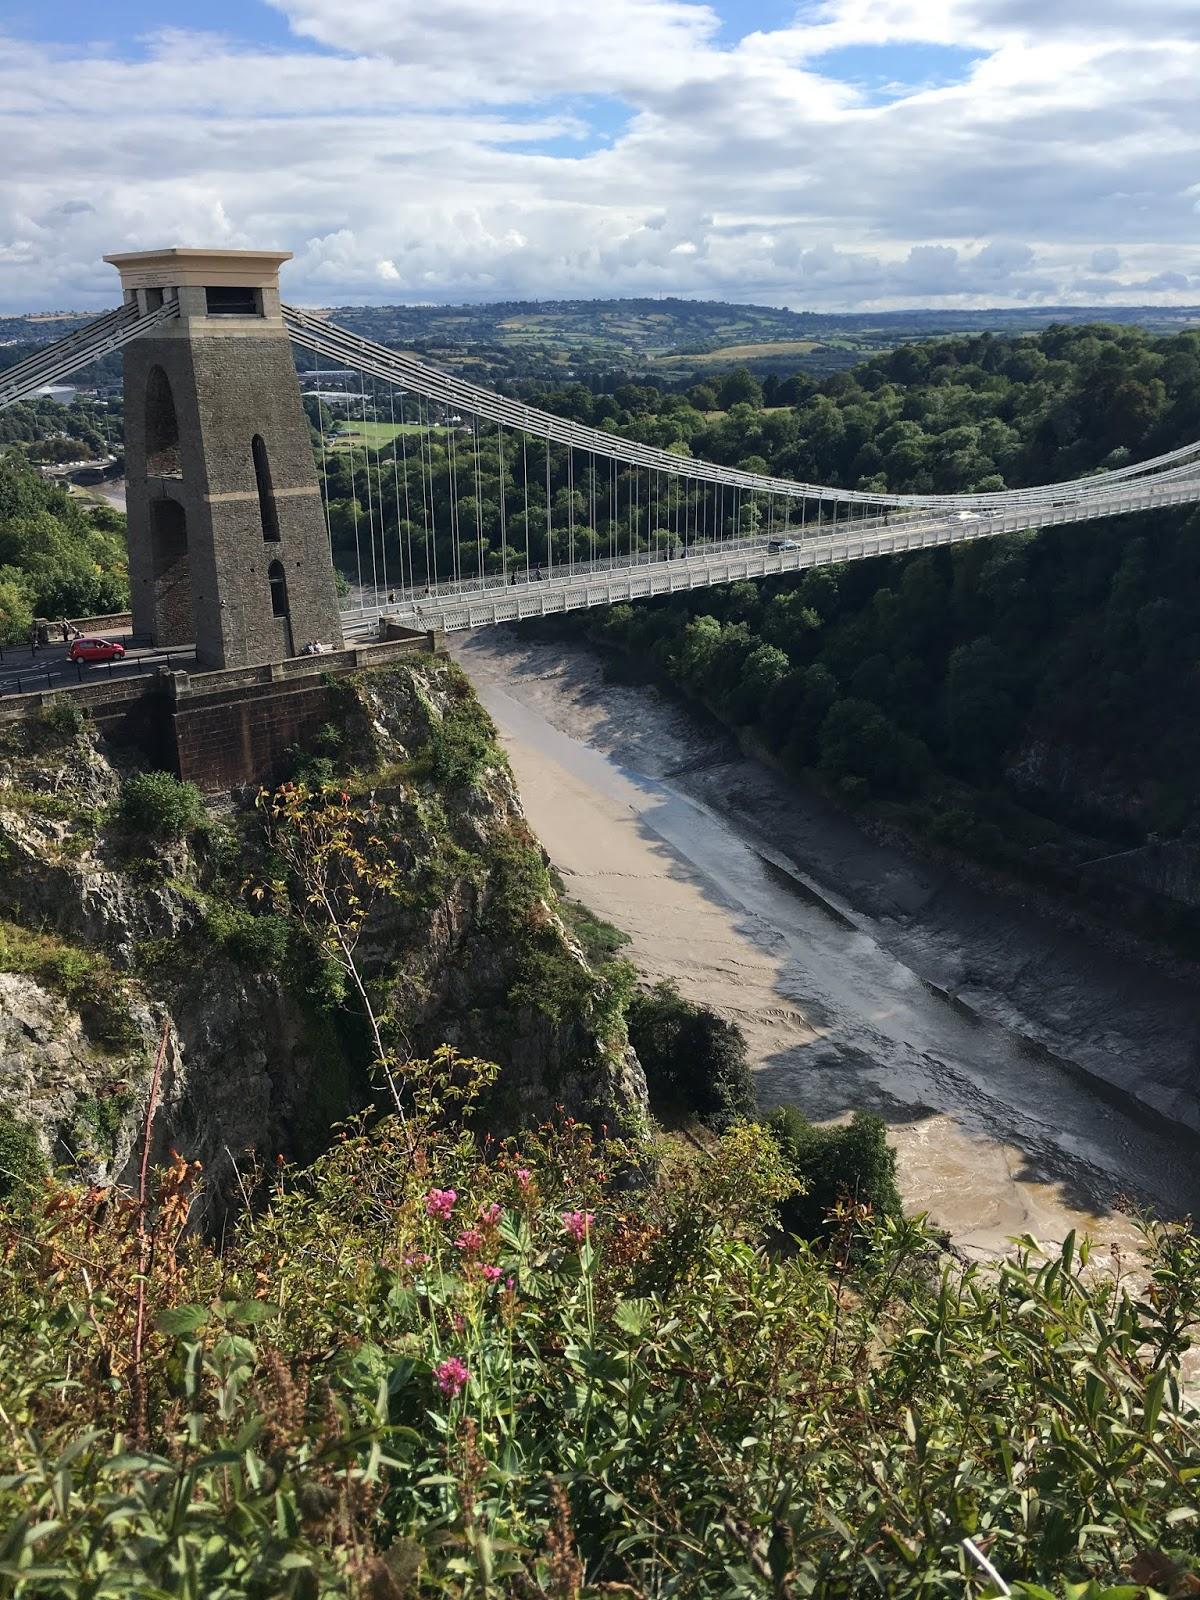 Isambard Kingdom Brunel's Clifton Suspension Bridge over the River Avon in Bristol